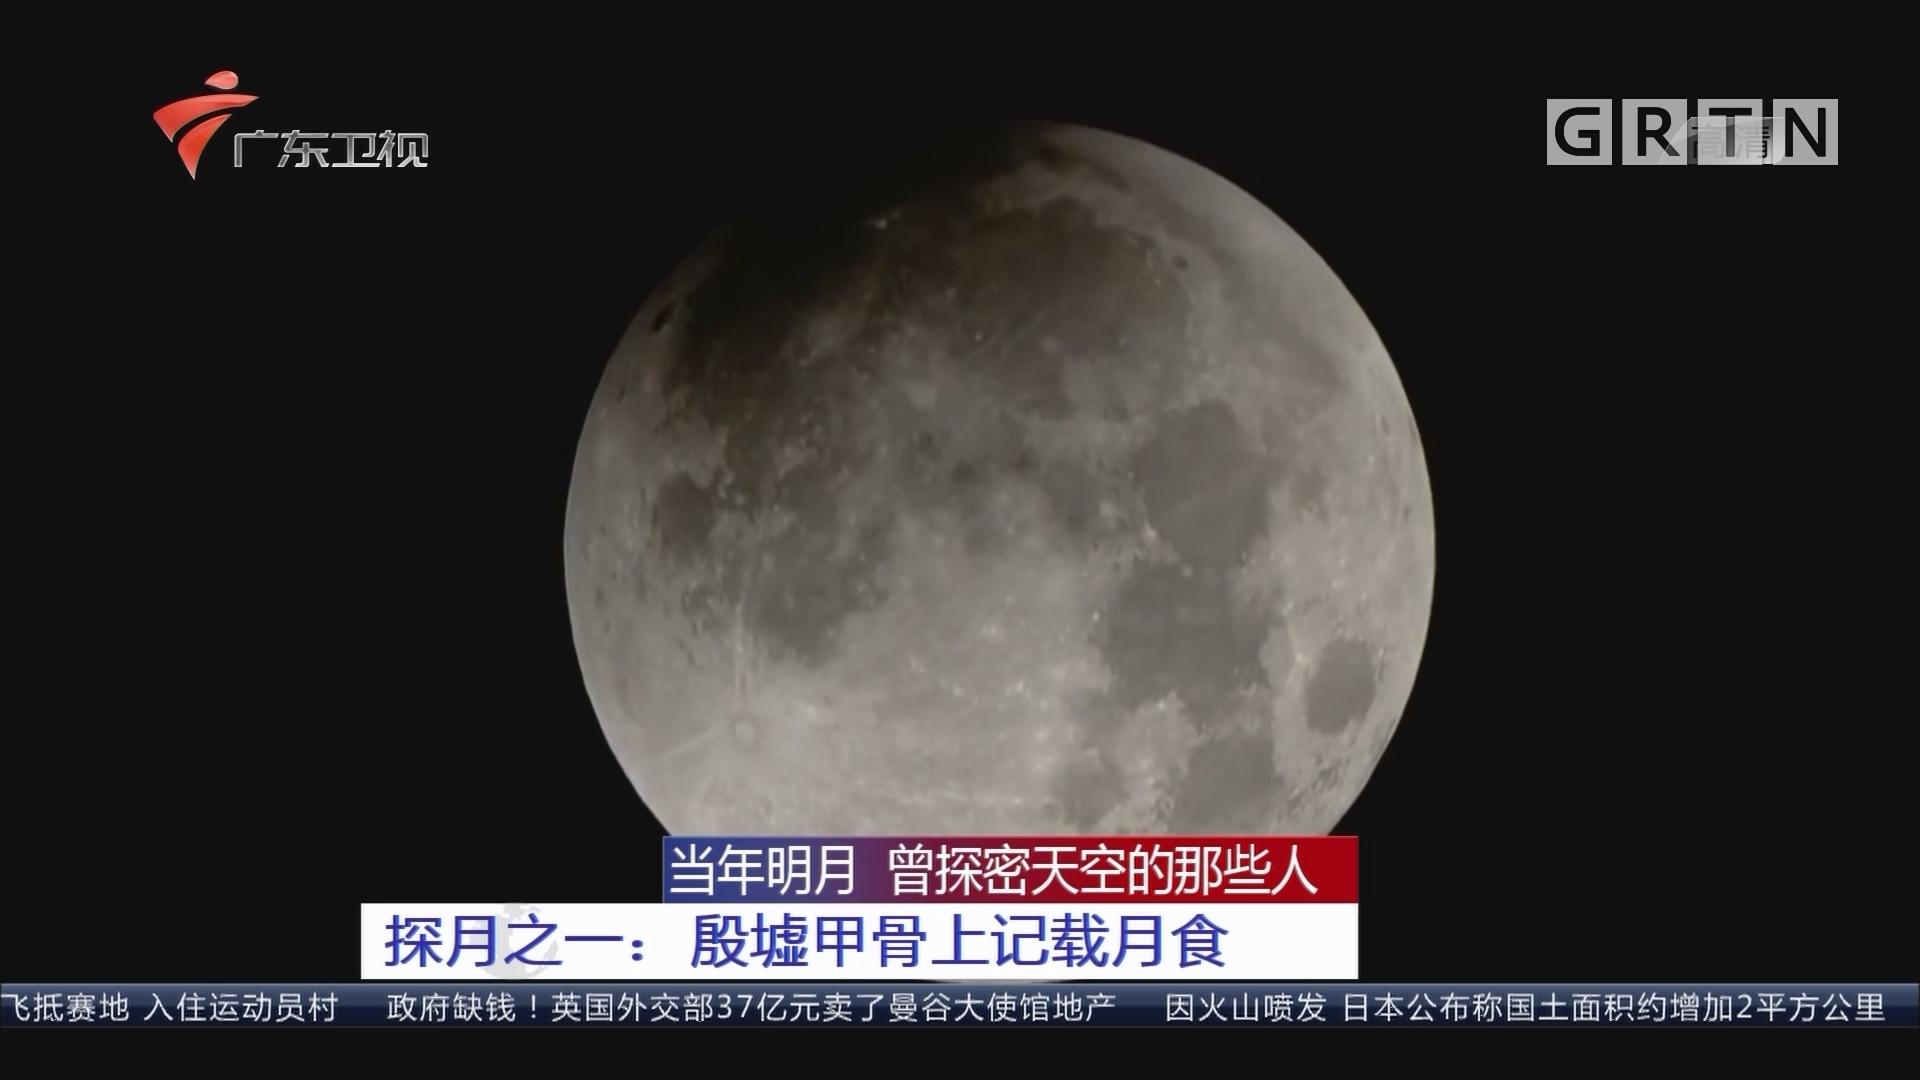 当年明月 曾探秘天空的那些人 探月之一:殷墟甲骨上记载月食